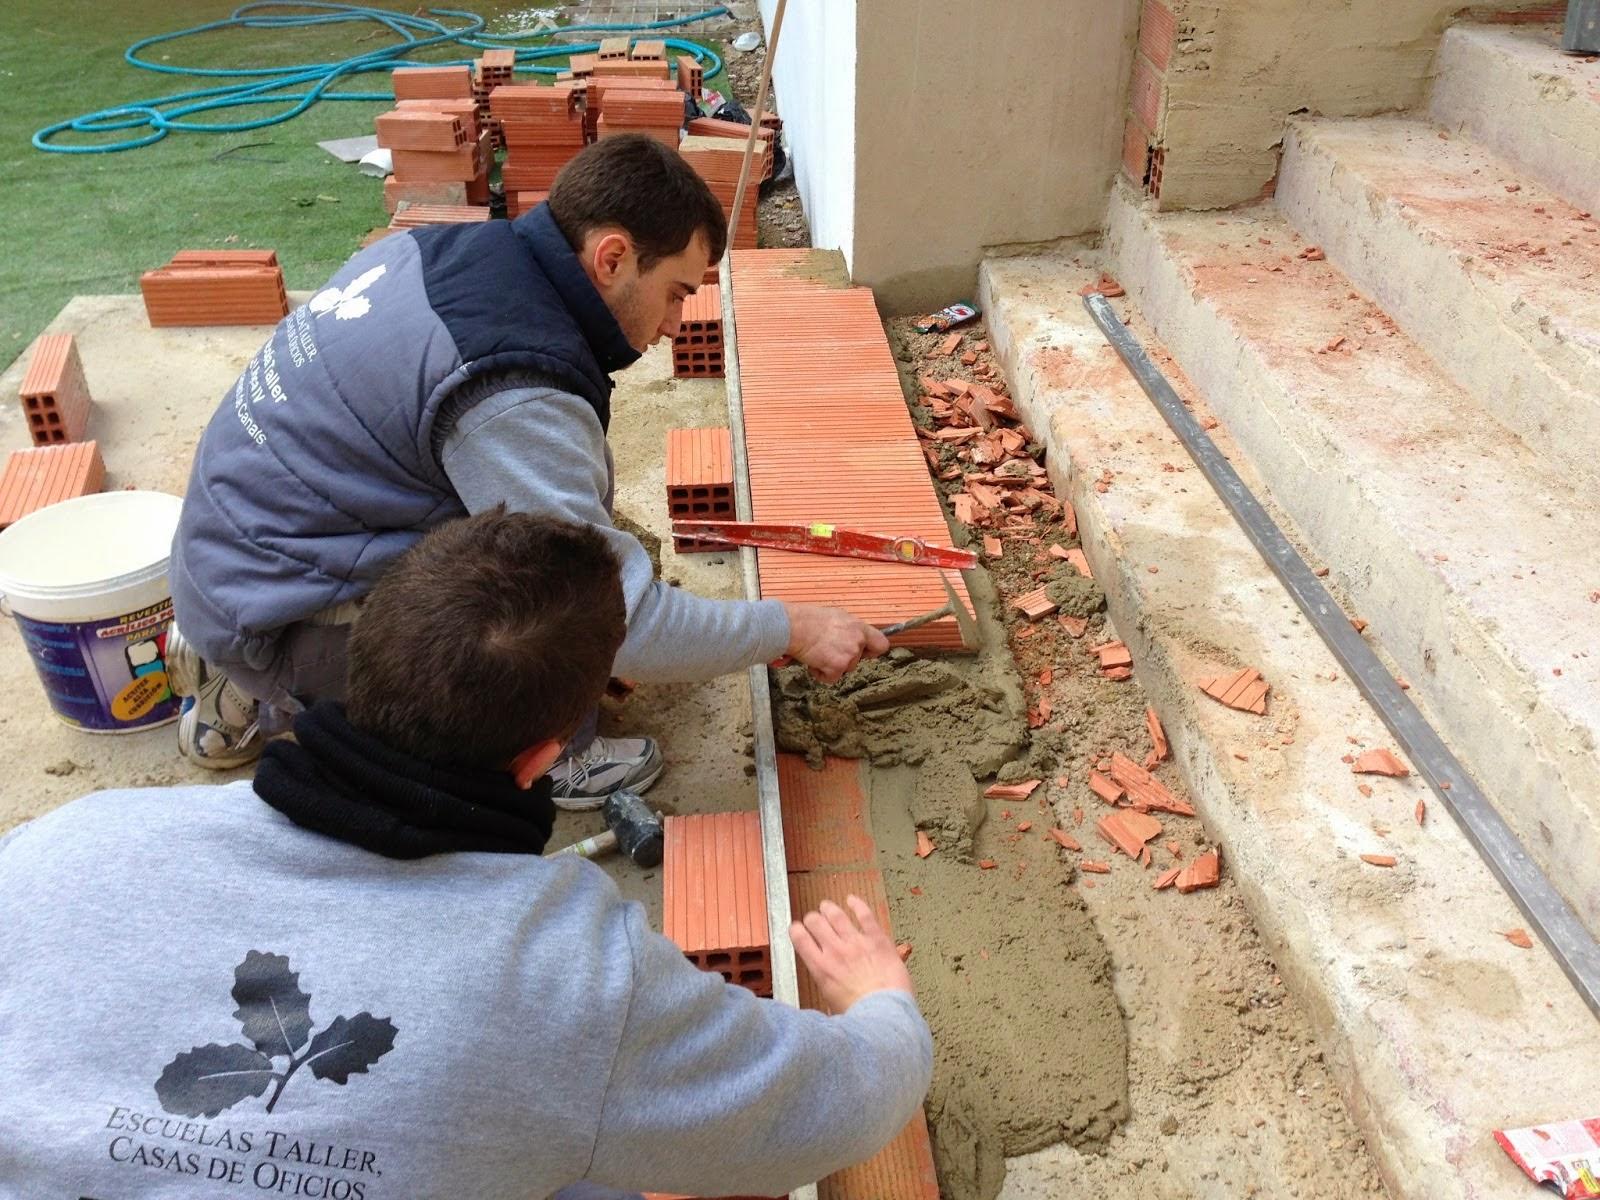 El maestro de obras xavier valderas construcci n de escaleras for Construccion de piscinas con ladrillos